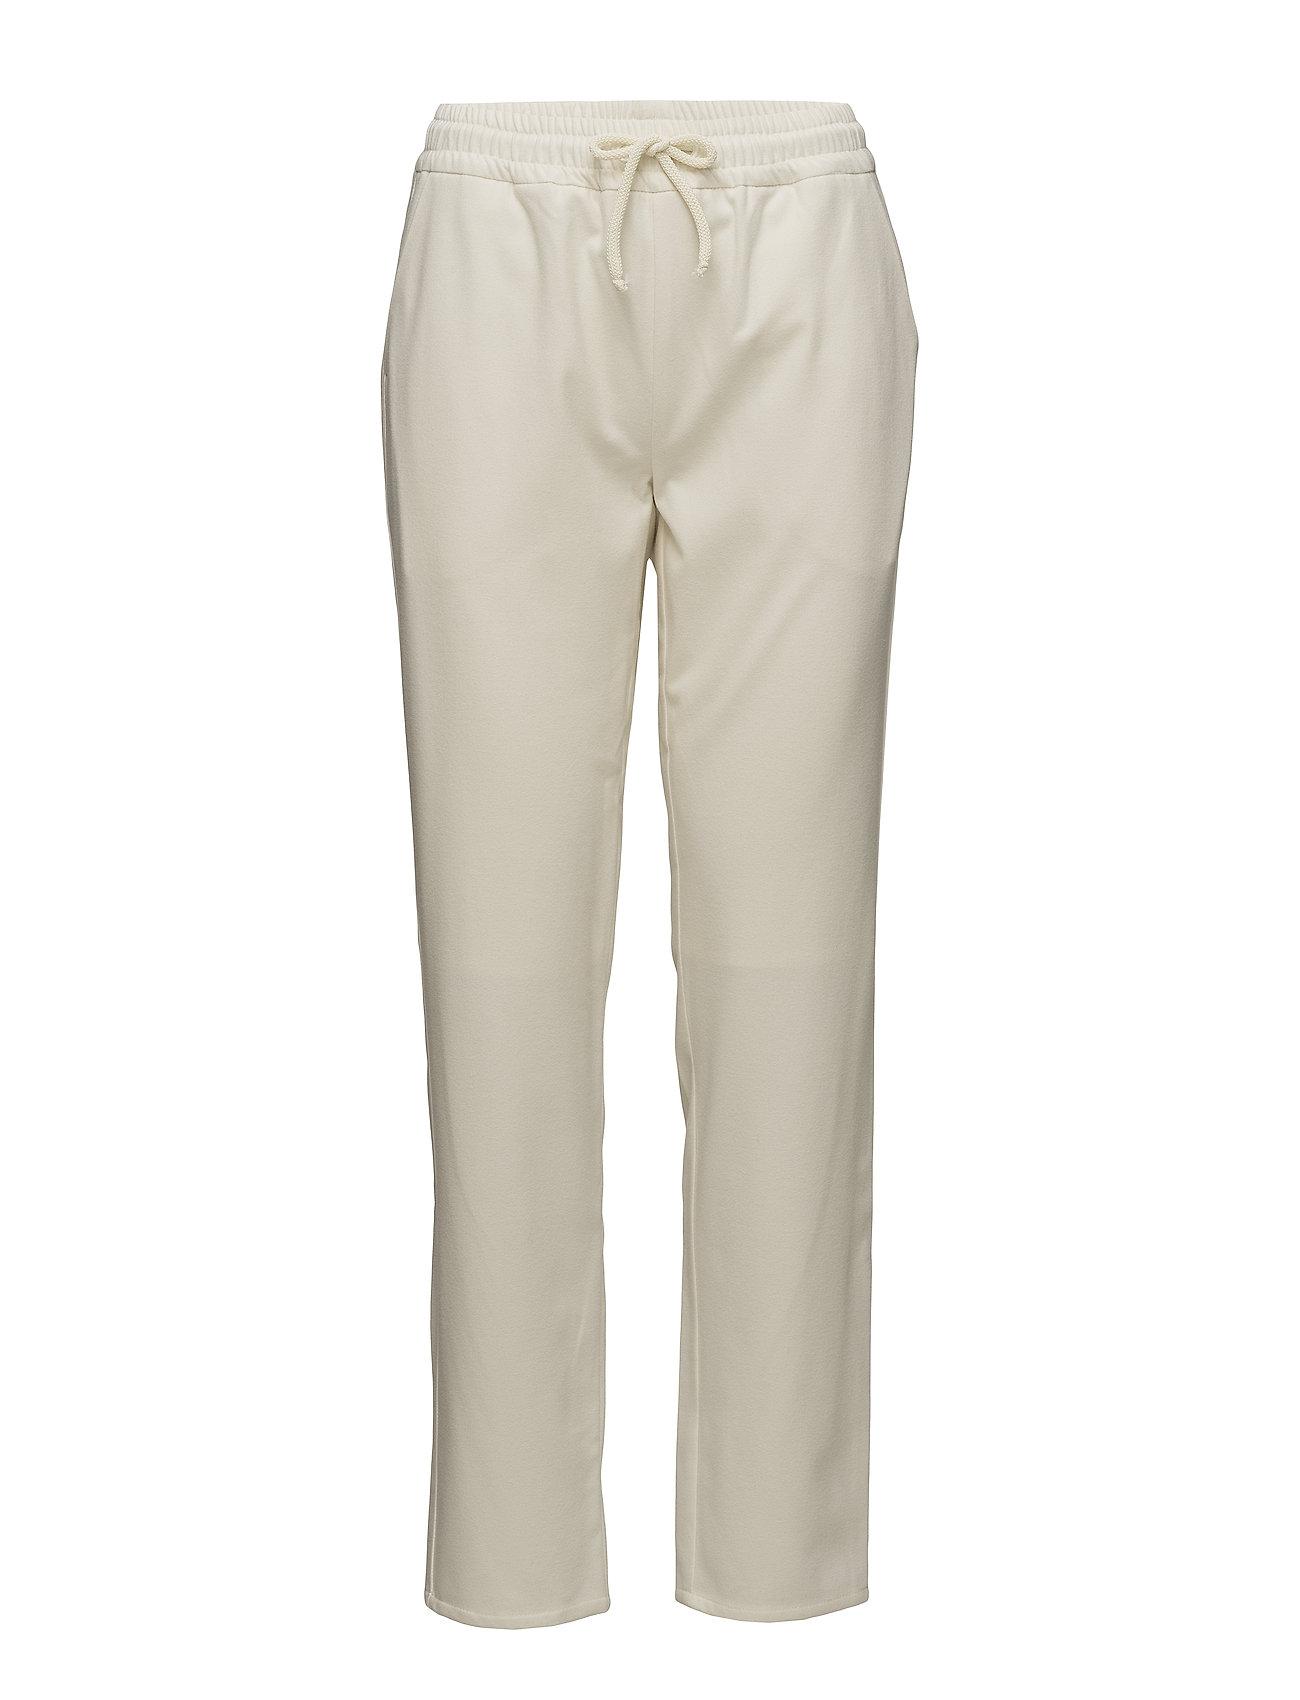 HOLZWEILER ANTILOPE Trousers - ECRU